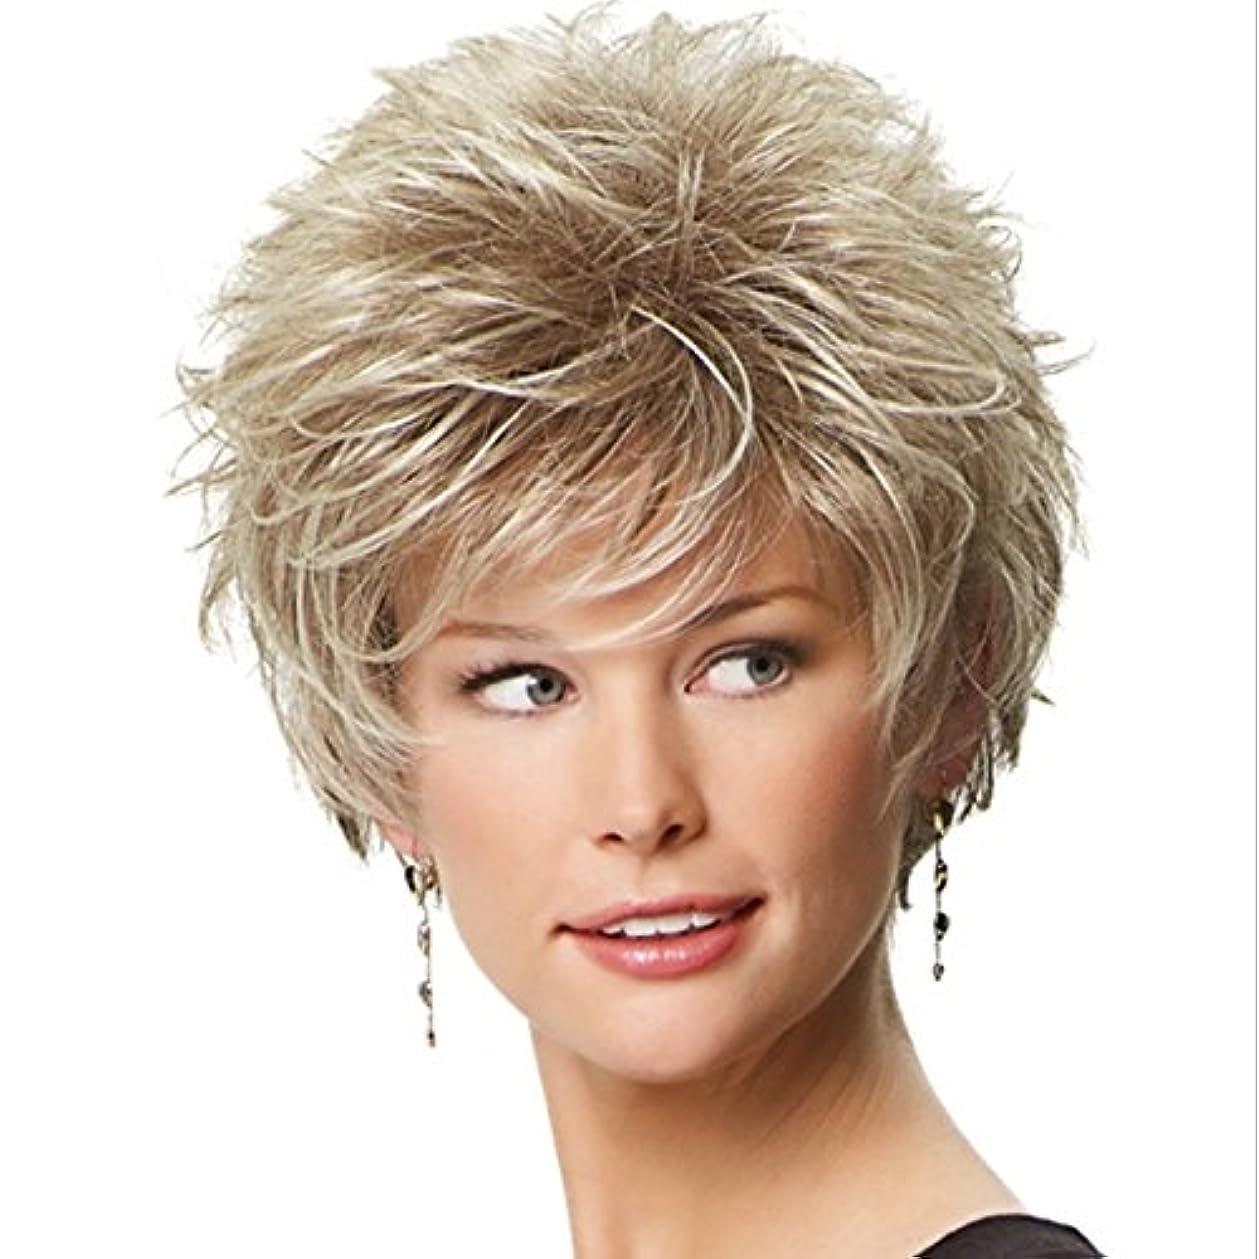 大使母音よりYOUQIU 女性の10インチ/ 11inch用エアフラッツ前髪ウィッグ耐熱ウィッグふわふわで女子ショートカーリーヘアウィッグエレガント(灰色がかった白、金色)ウィッグ (色 : Golden)